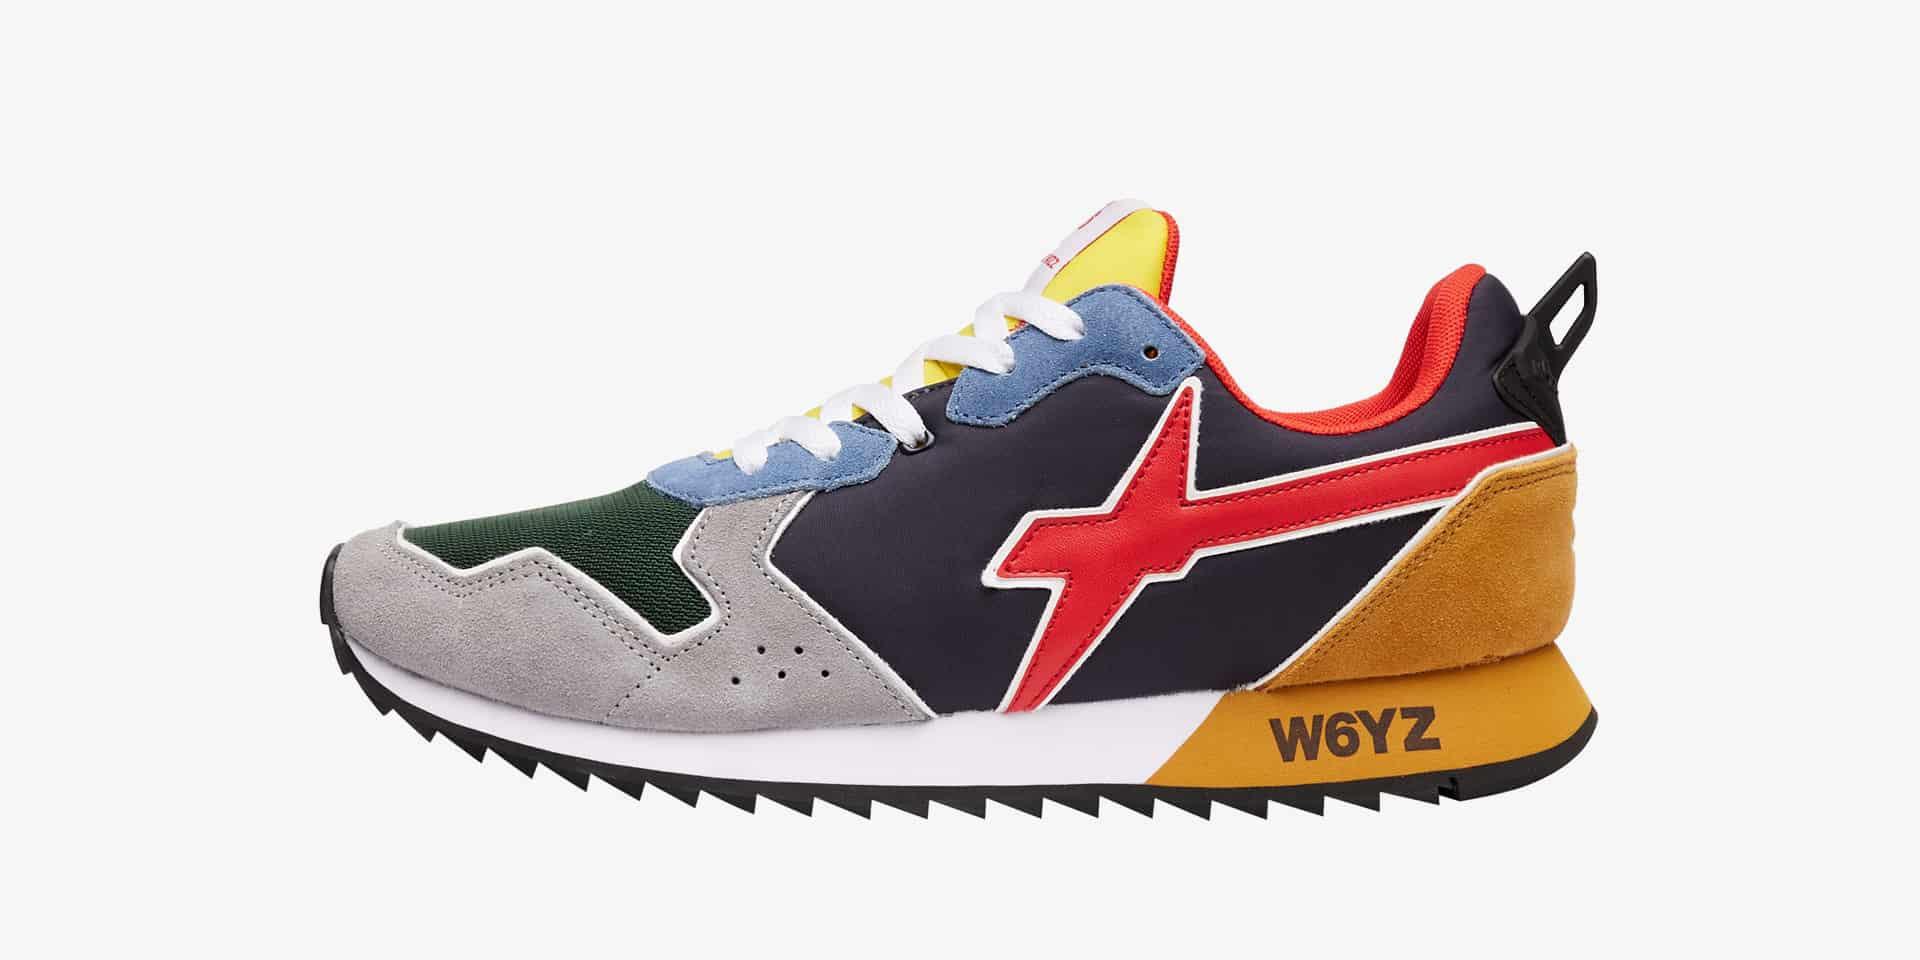 JET-M. - Sneaker in tessuto tecnico e suede - Multicolore